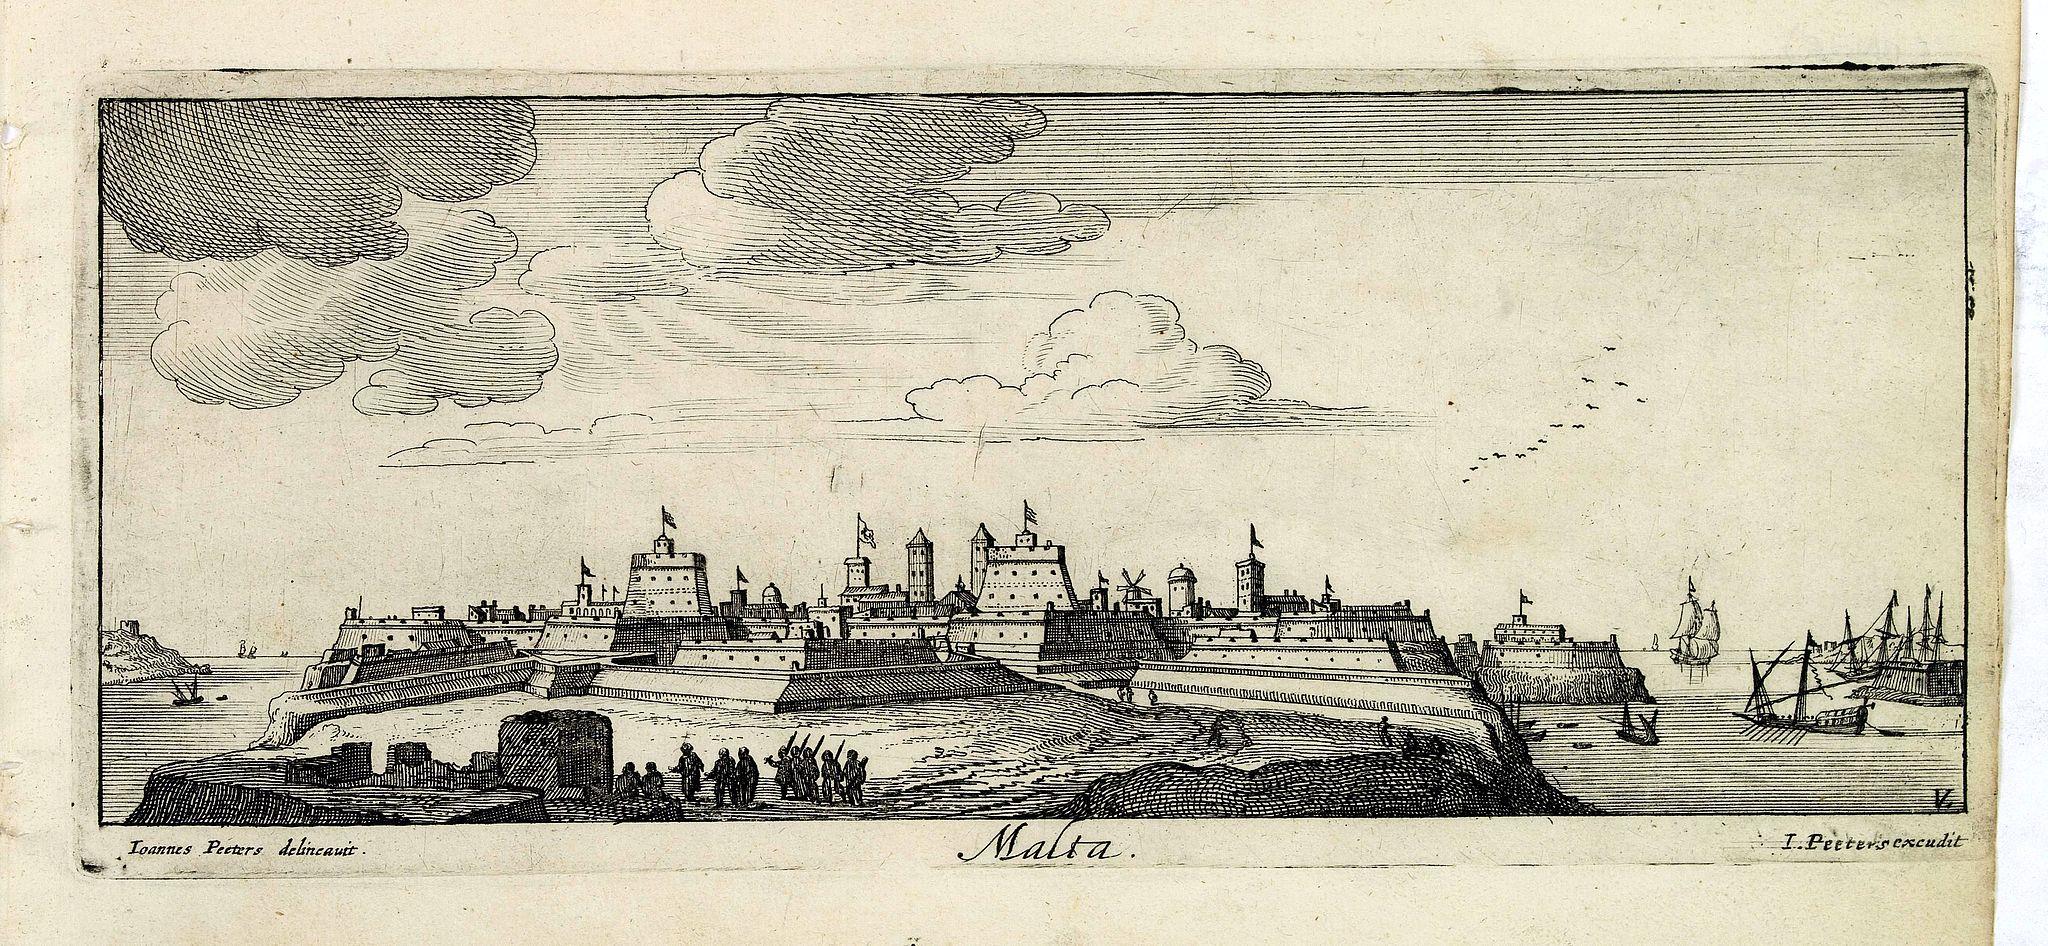 PEETERS, J. / VOSTERMANS II, L. -  Malta.